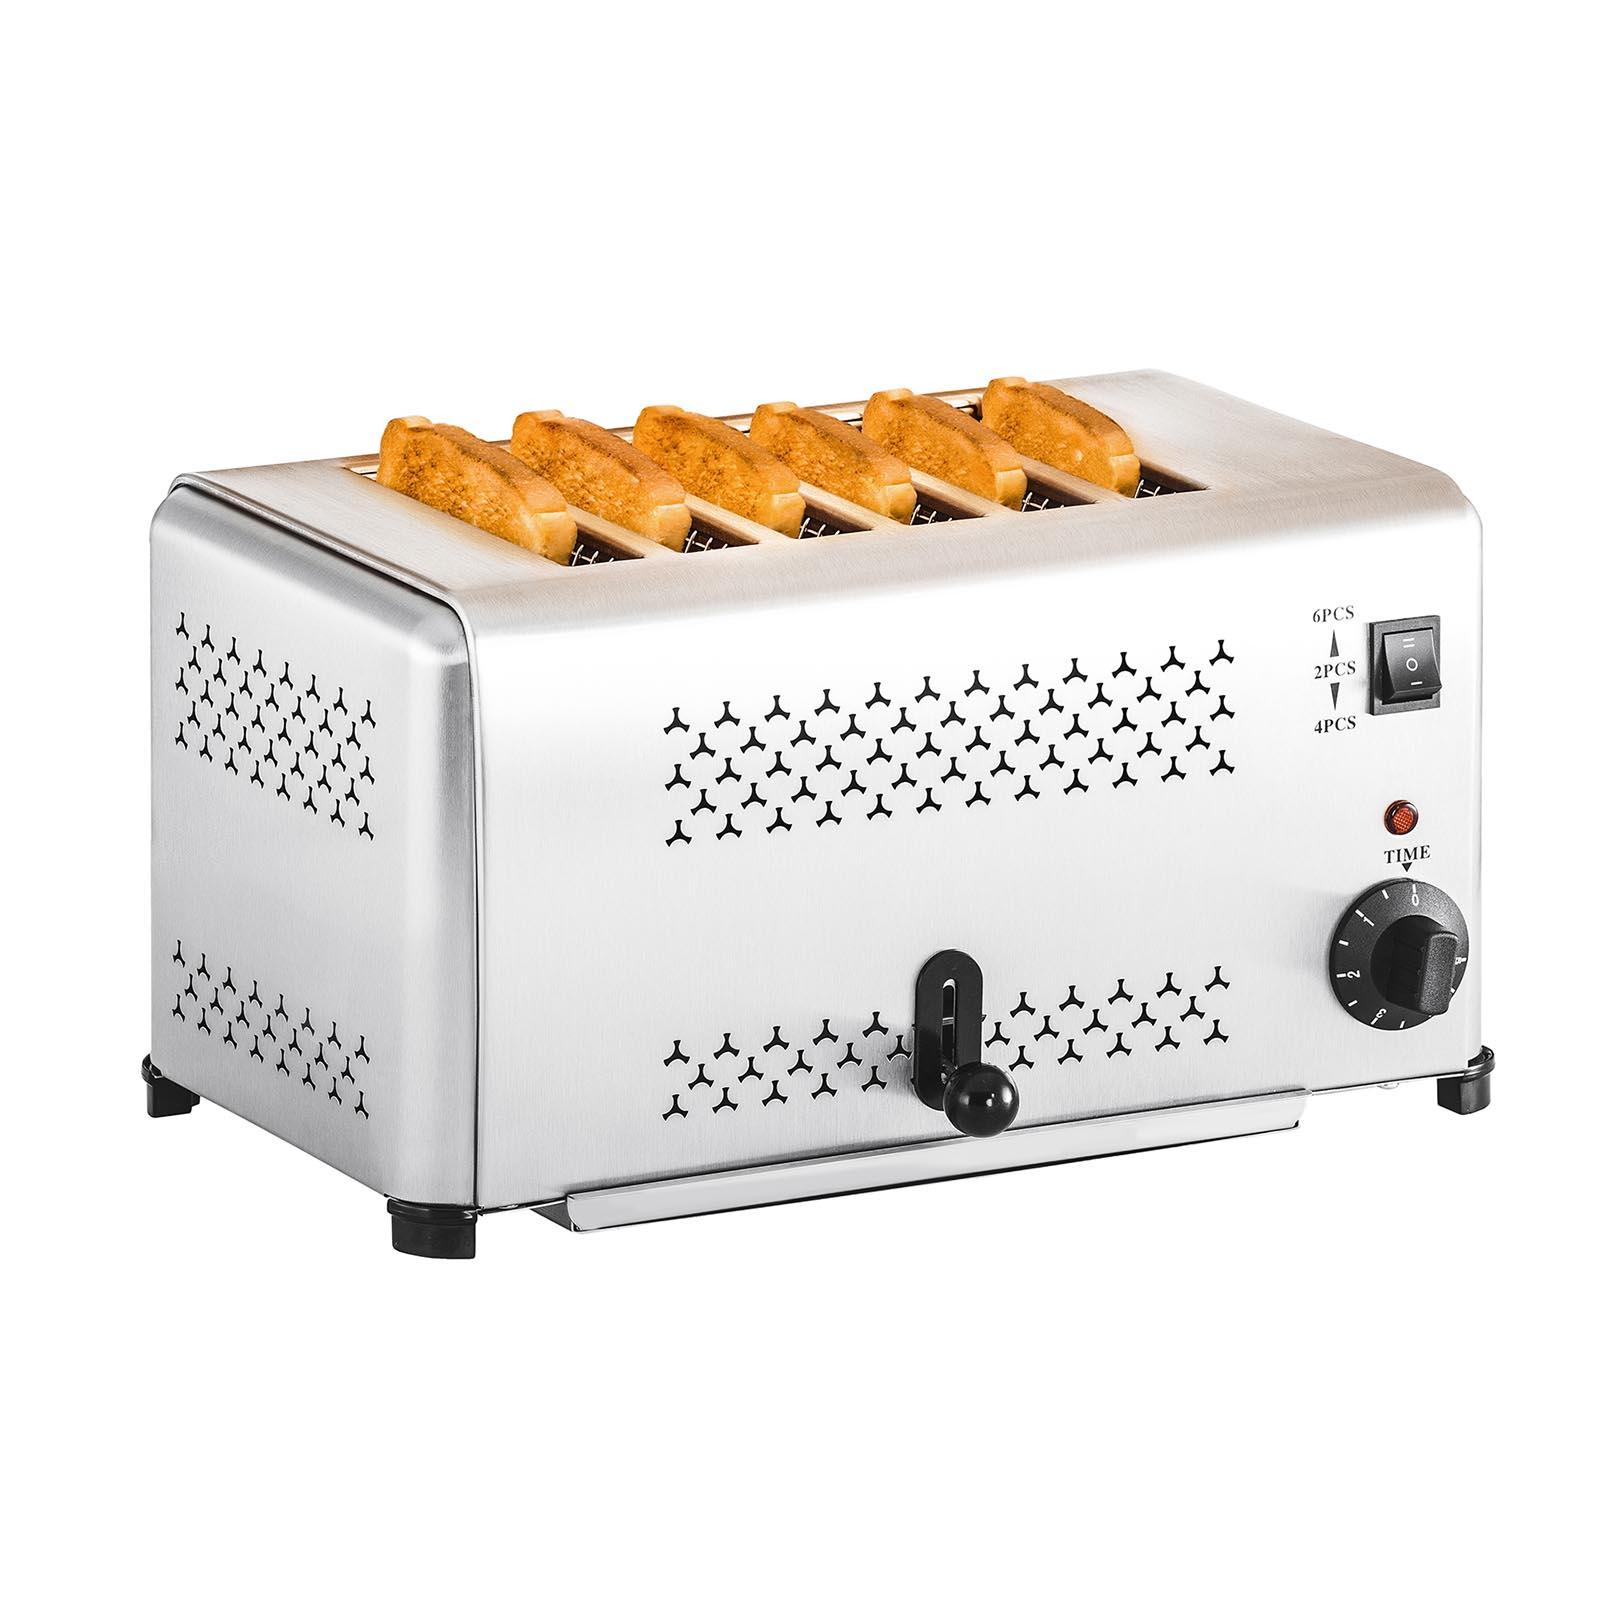 [ Expondo.de ] Royal Catering - 6 Schlitz Gastro-Toaster